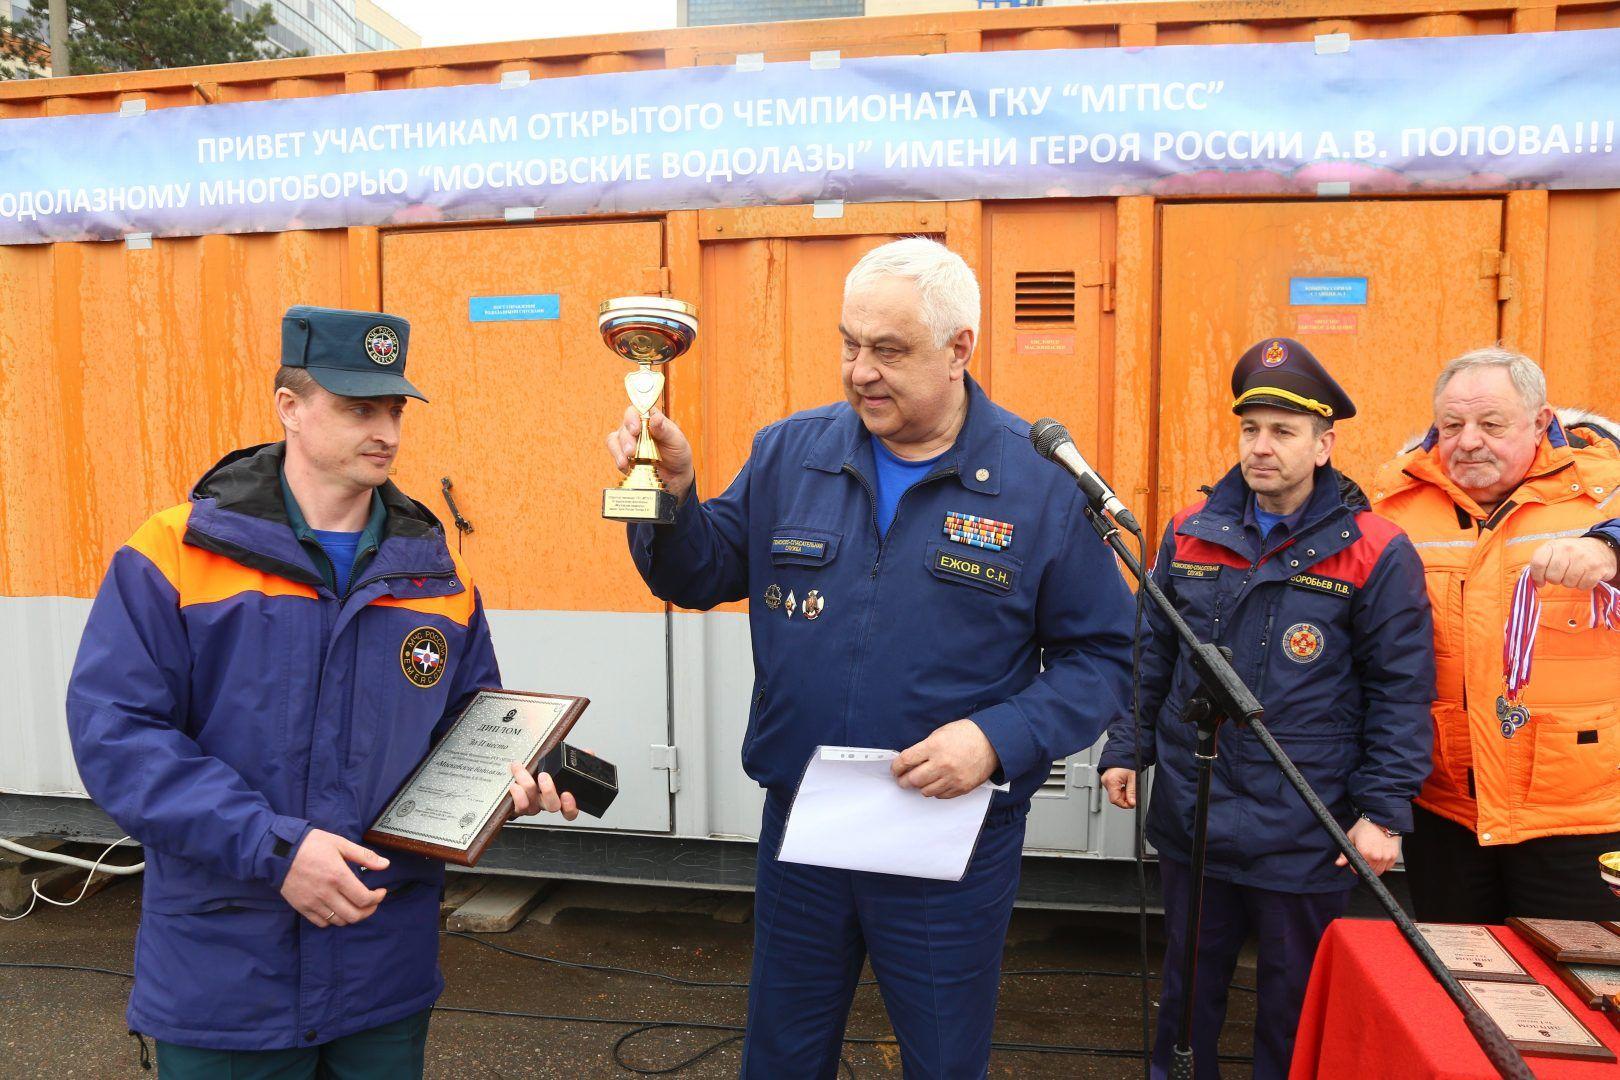 В Москве состоялись первые соревнования по водолазному многоборью. Фото: Пресс-служба Управления по ТиНАО Департамента ГОЧСиПБ